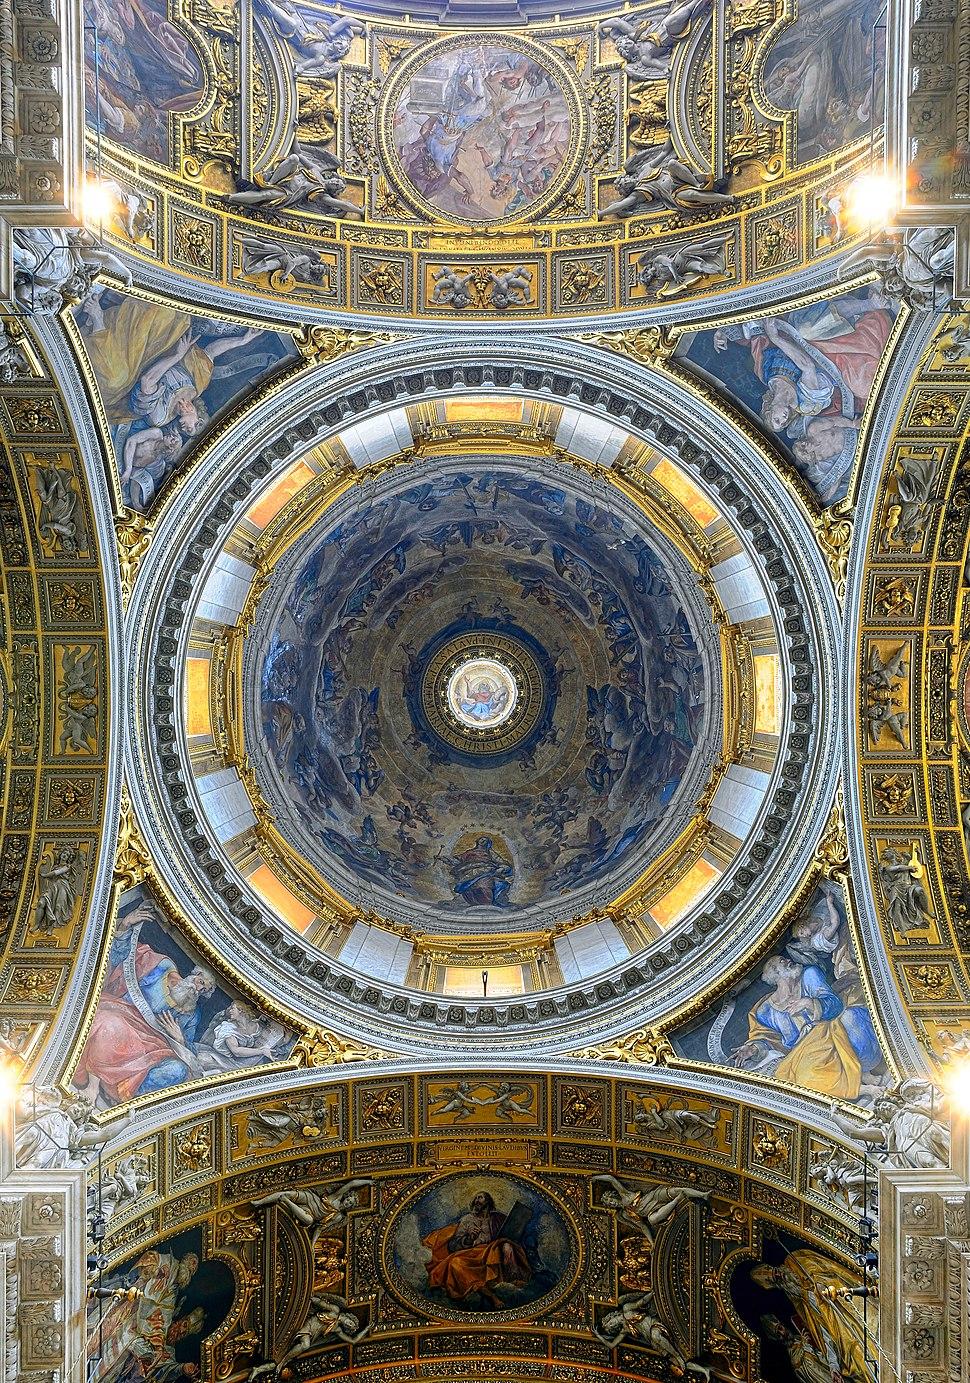 Dome of Cappella Paolina in Santa Maria Maggiore (Rome)